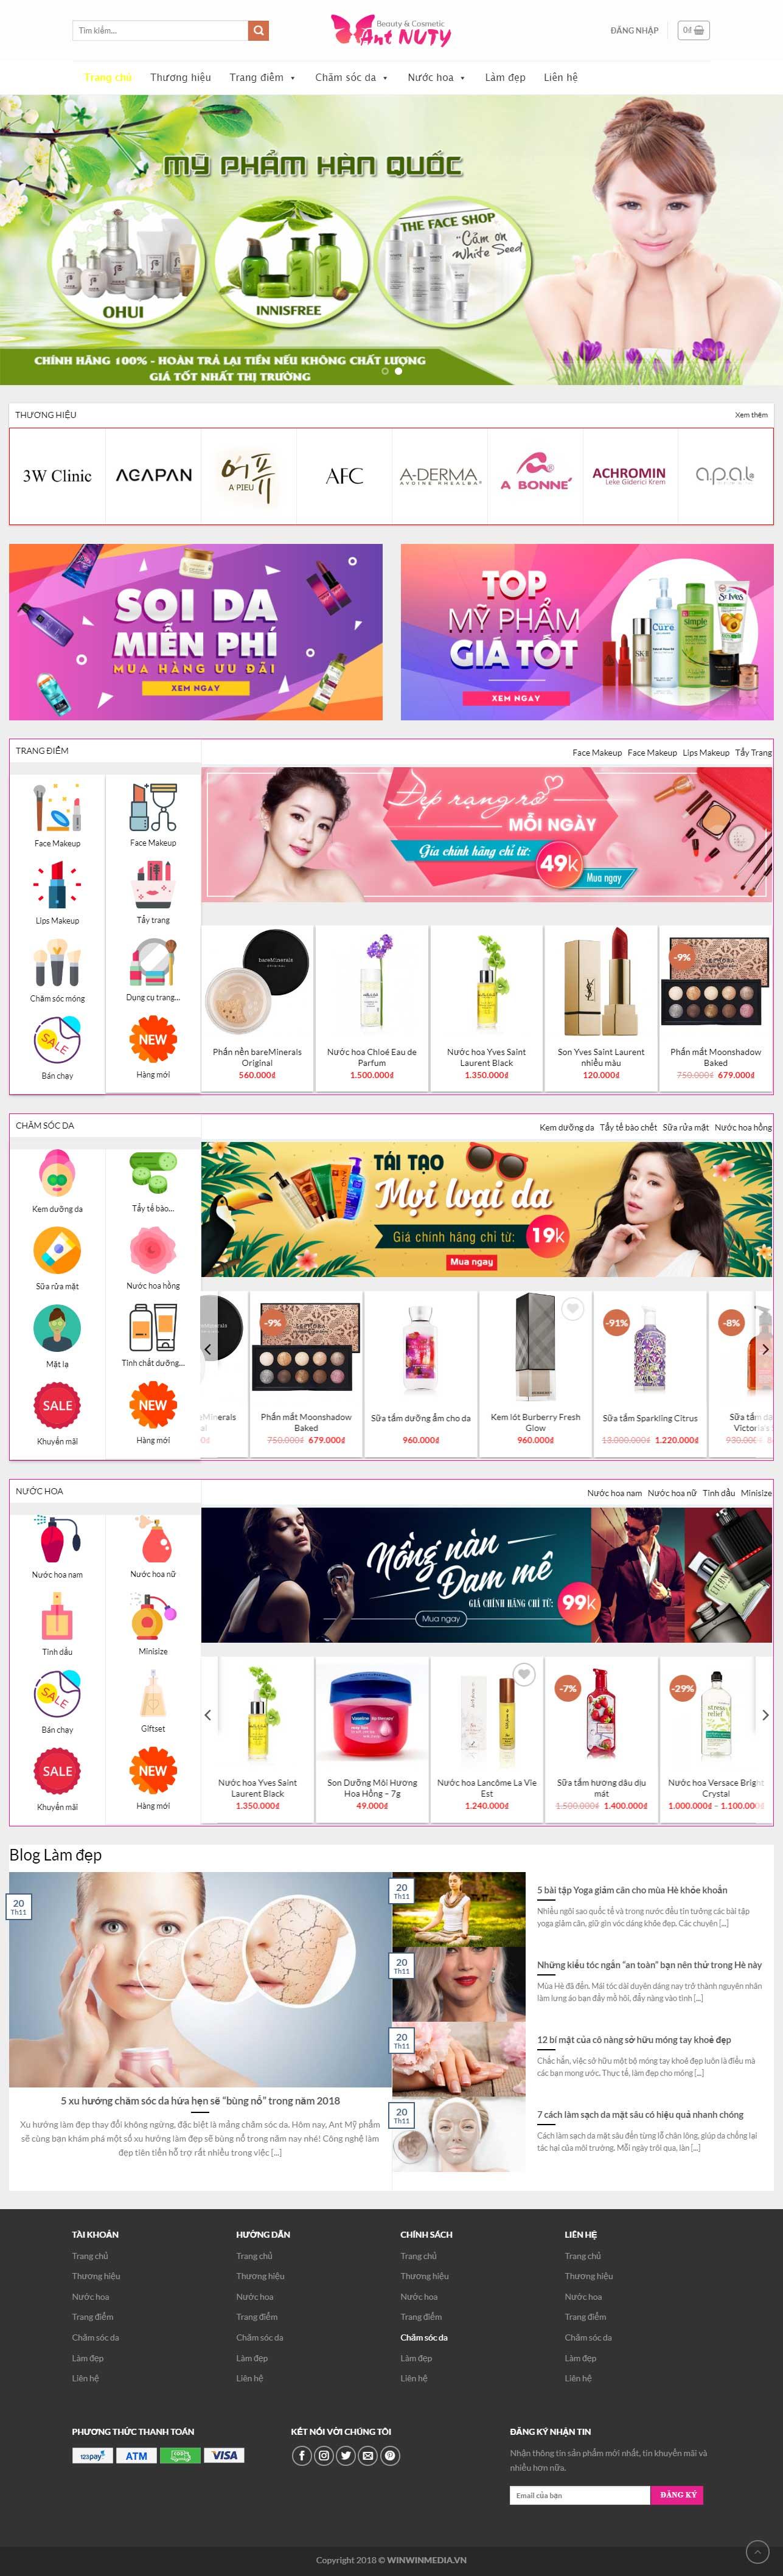 Mẫu website bán mỹ phẩm Hàn Quốc chuẩn SEO